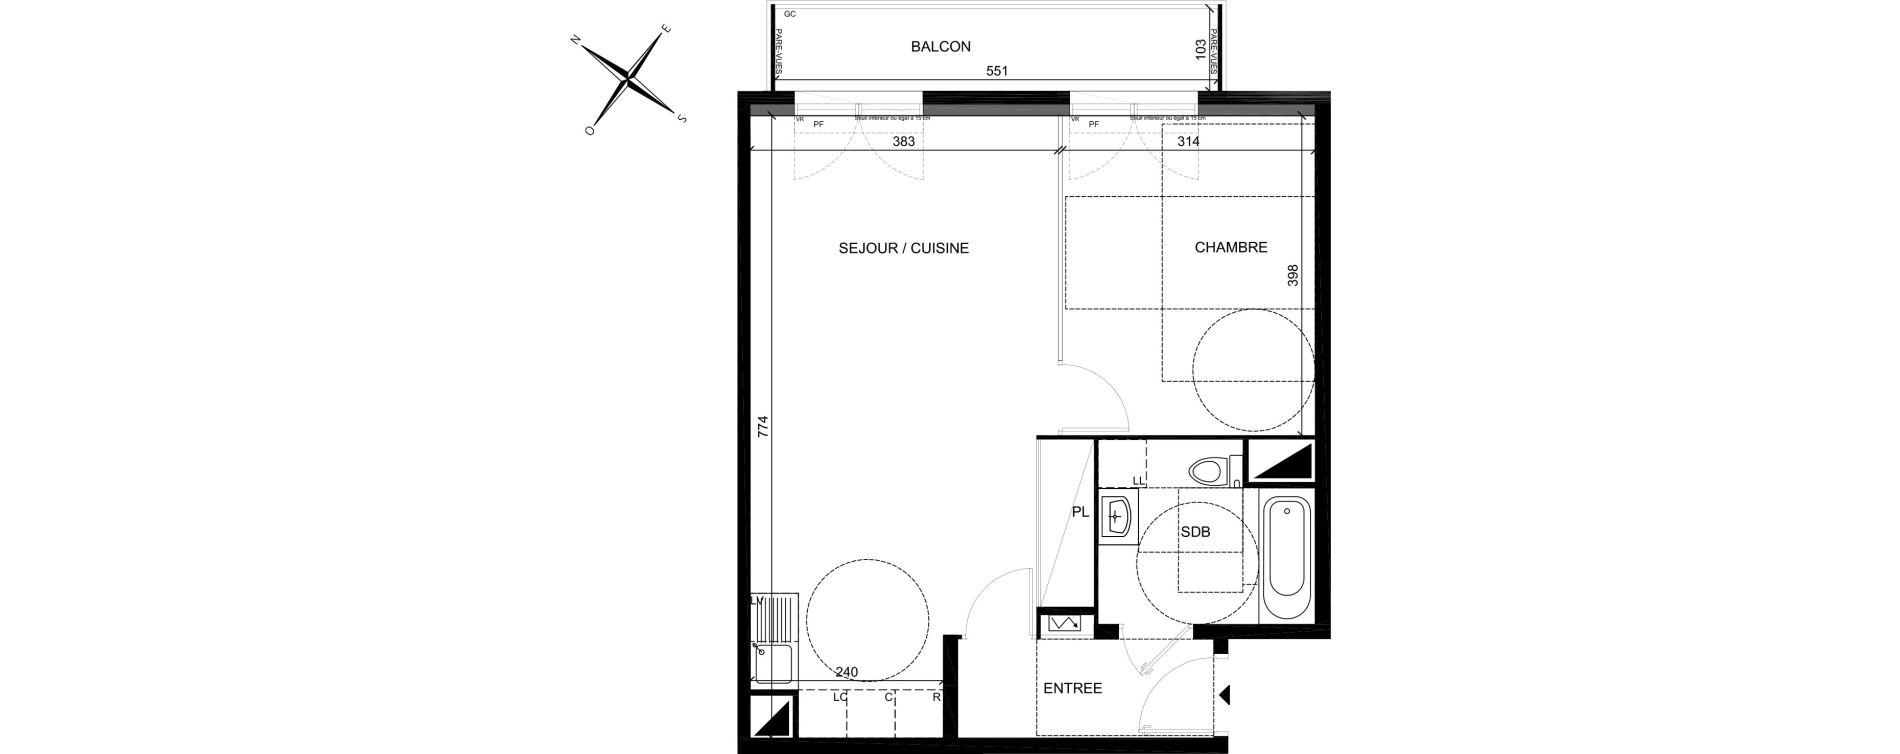 Plan T2 neuf à Villiers-sur-Marne de